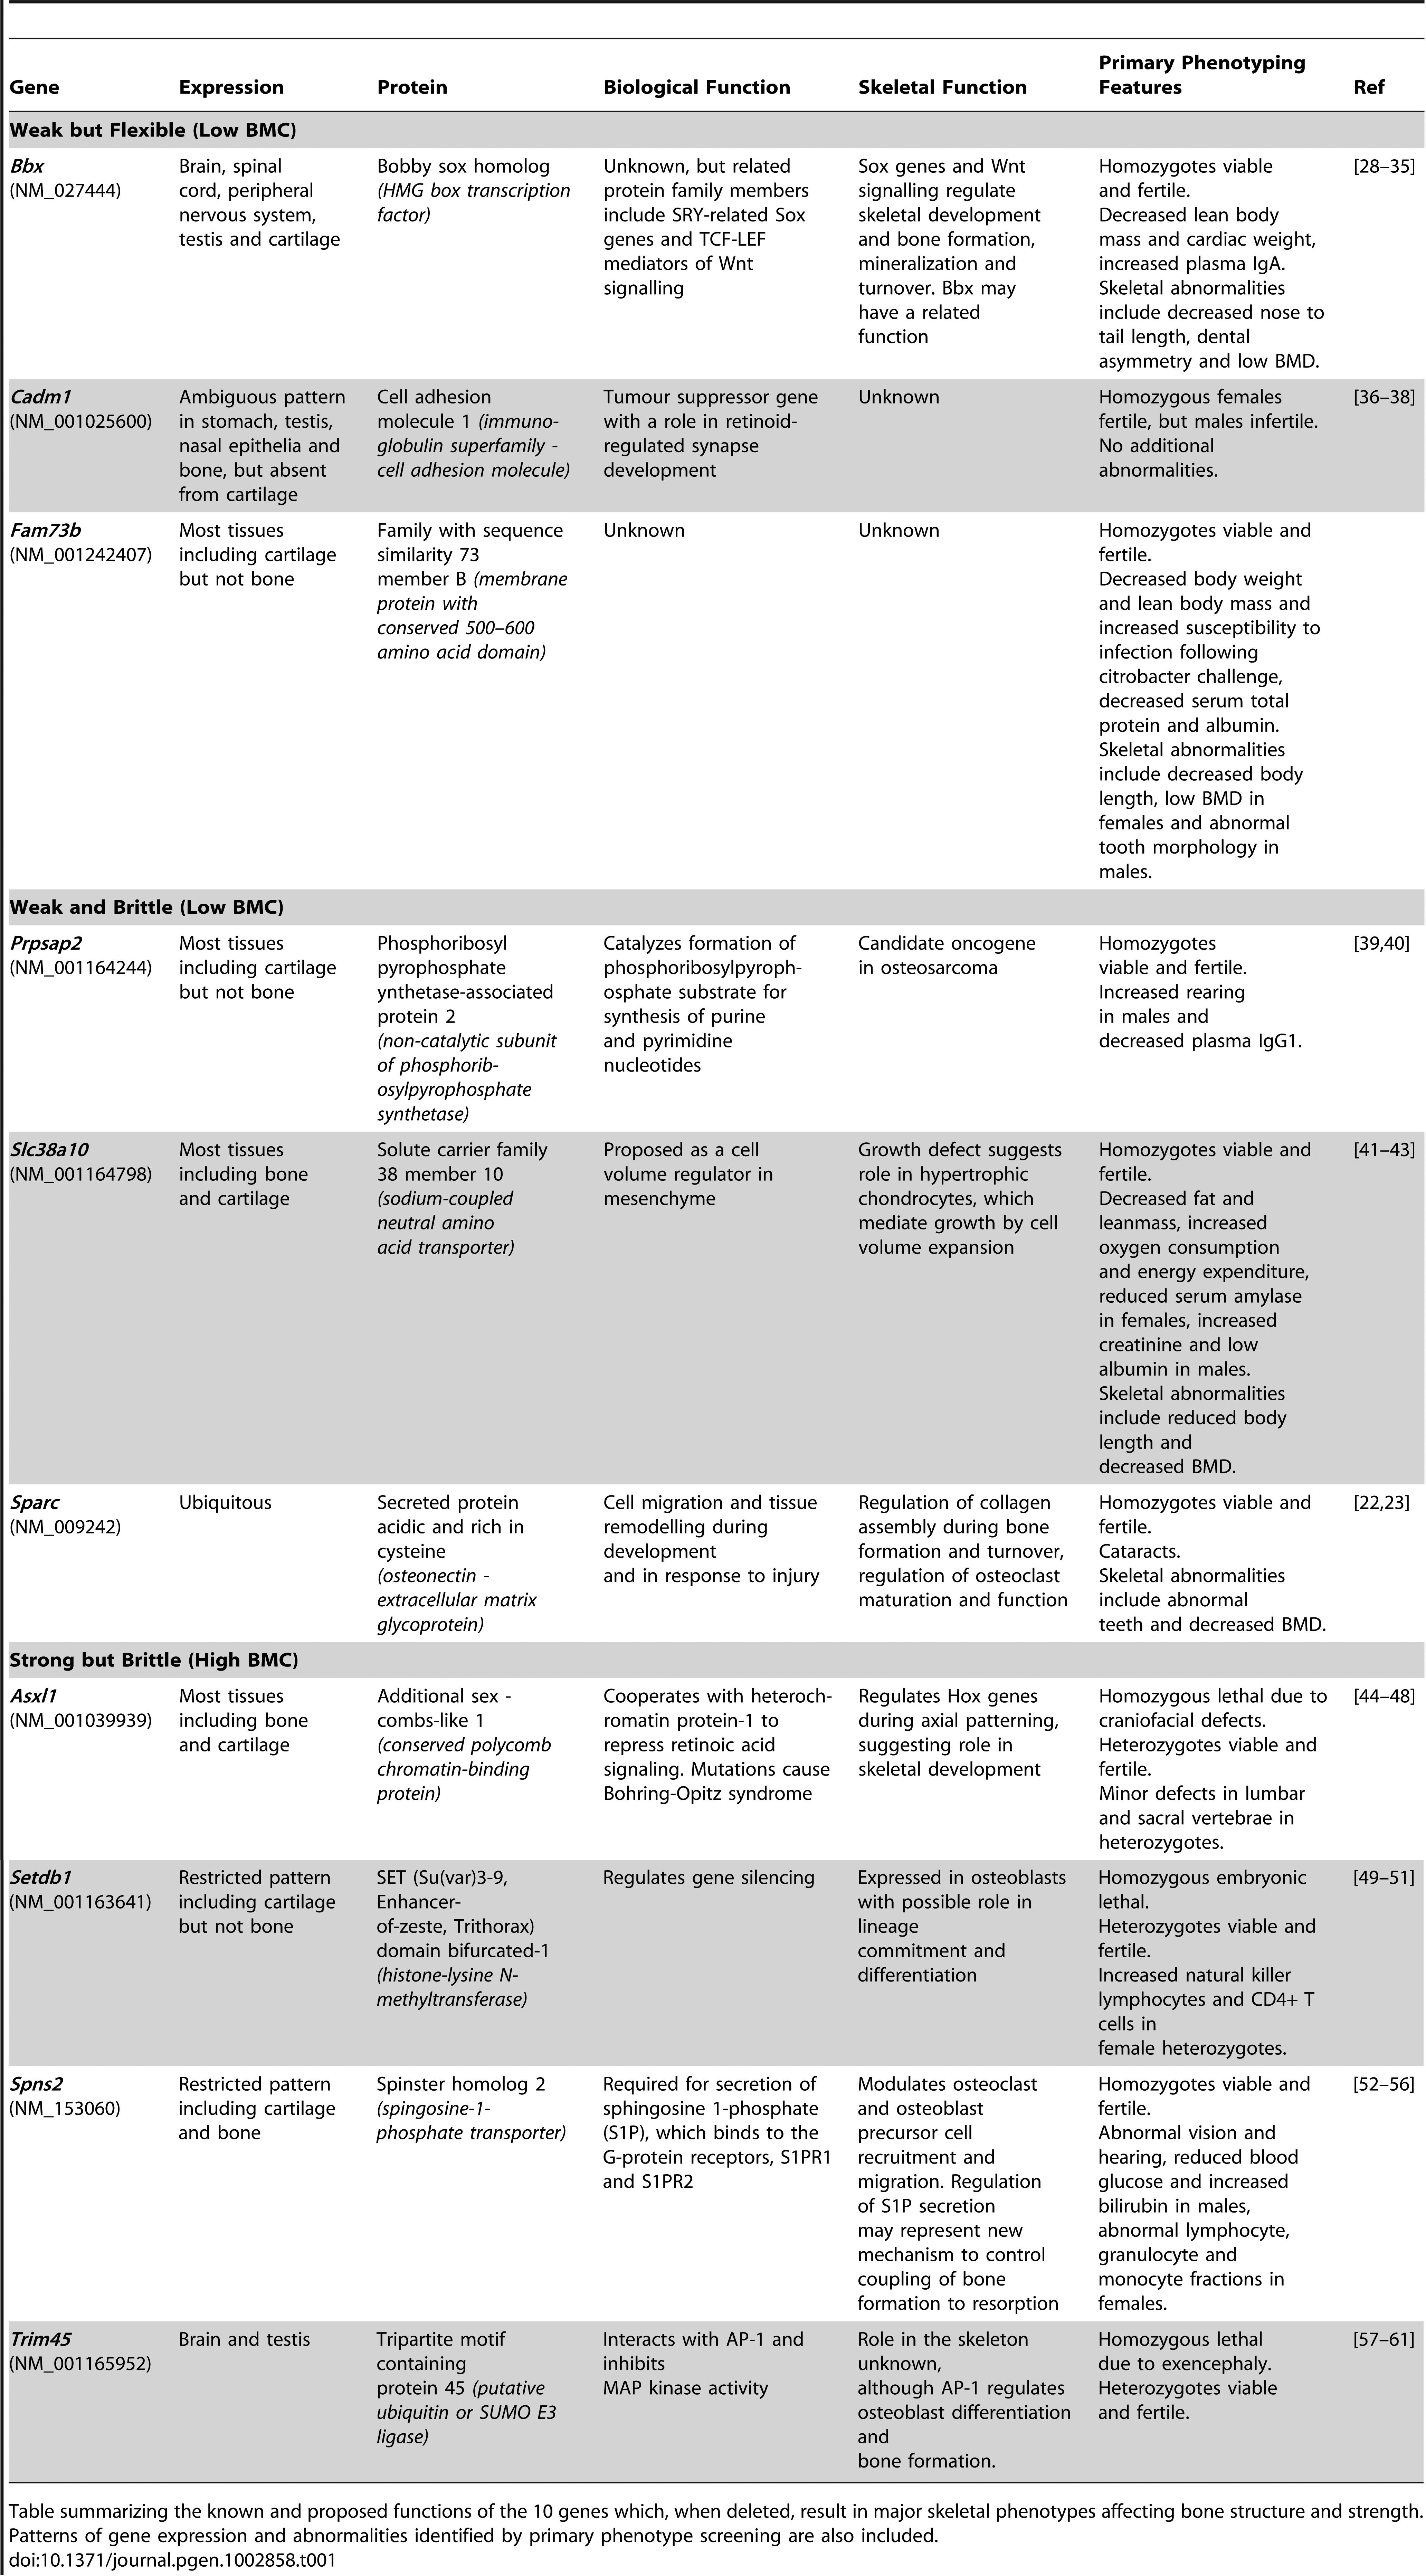 Functions of genes identified as determinants of bone strength.